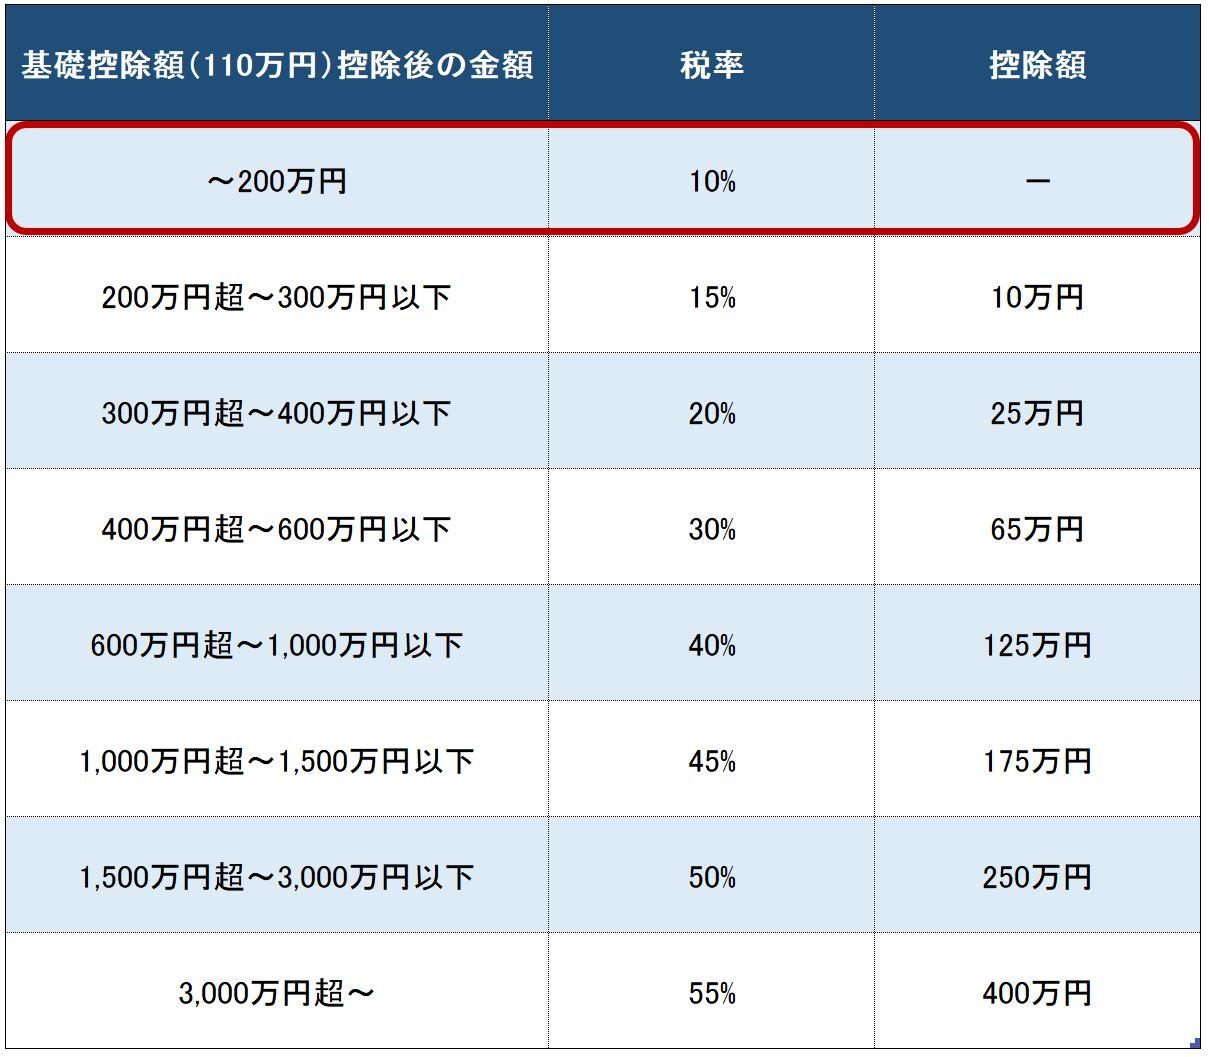 贈与税の速算表パターン②